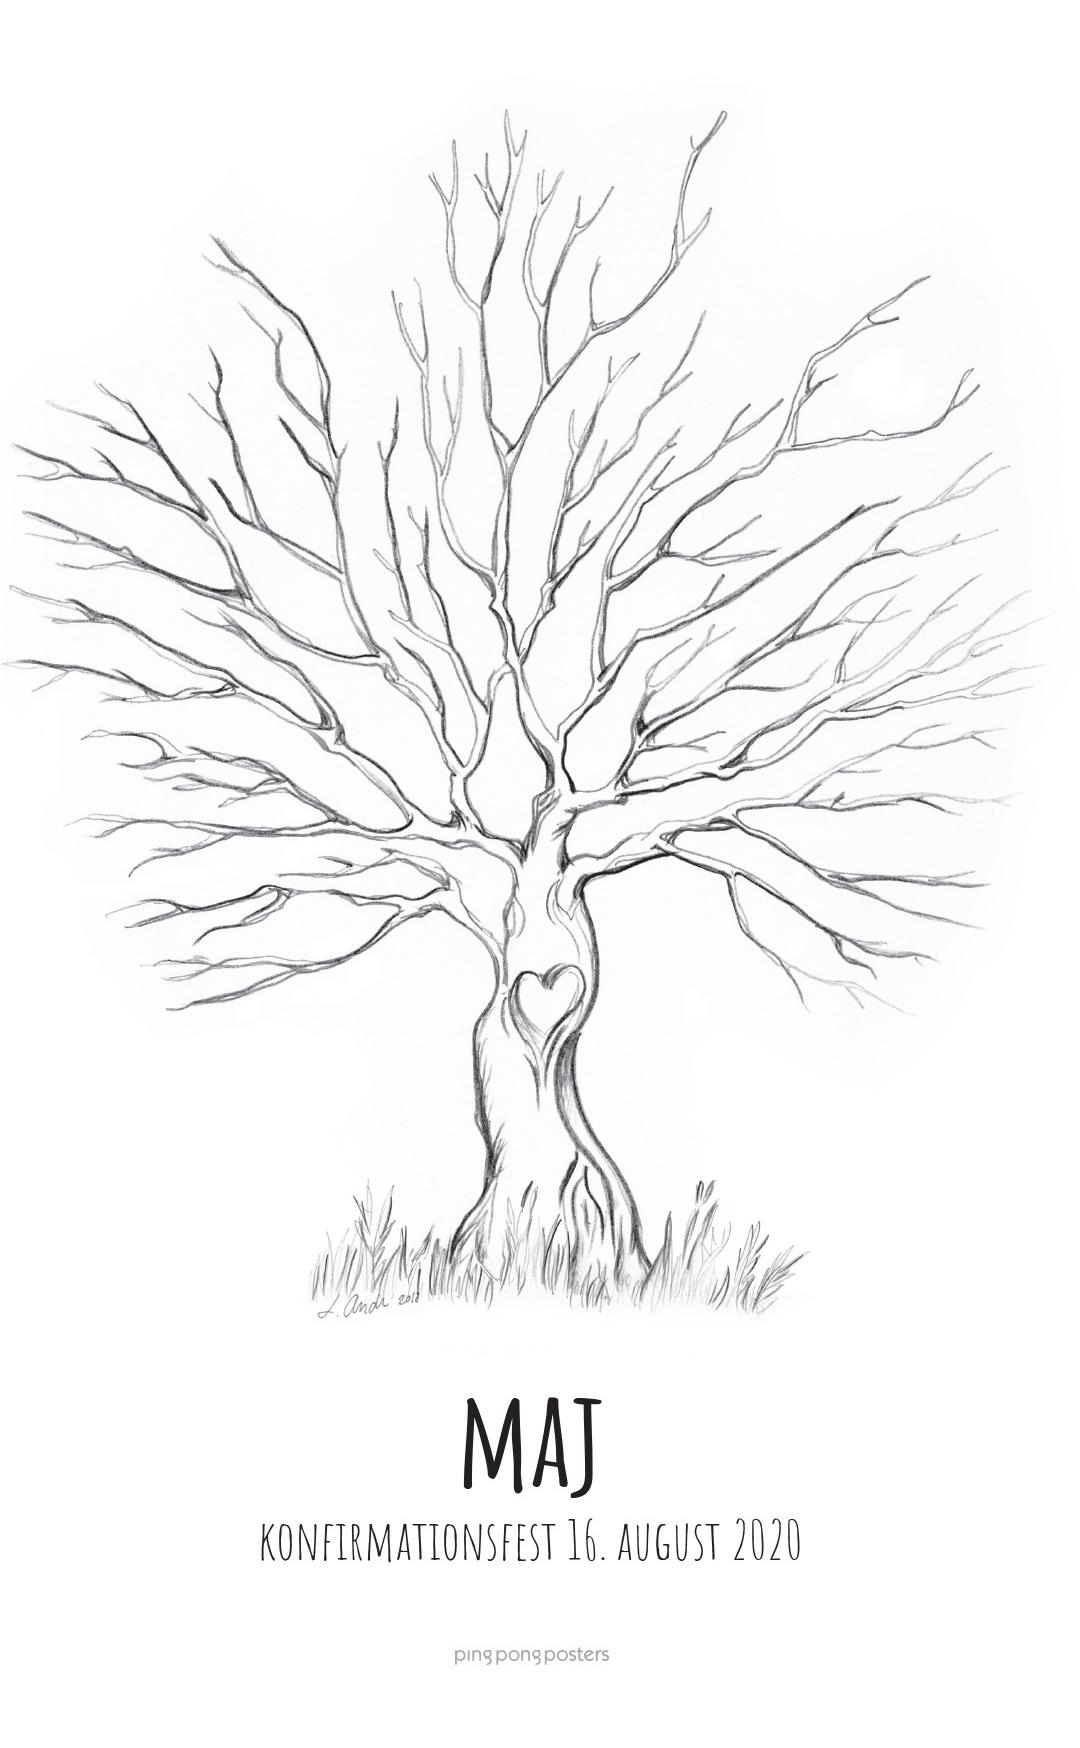 Fingeraftryk træ med hjerte i træstammen